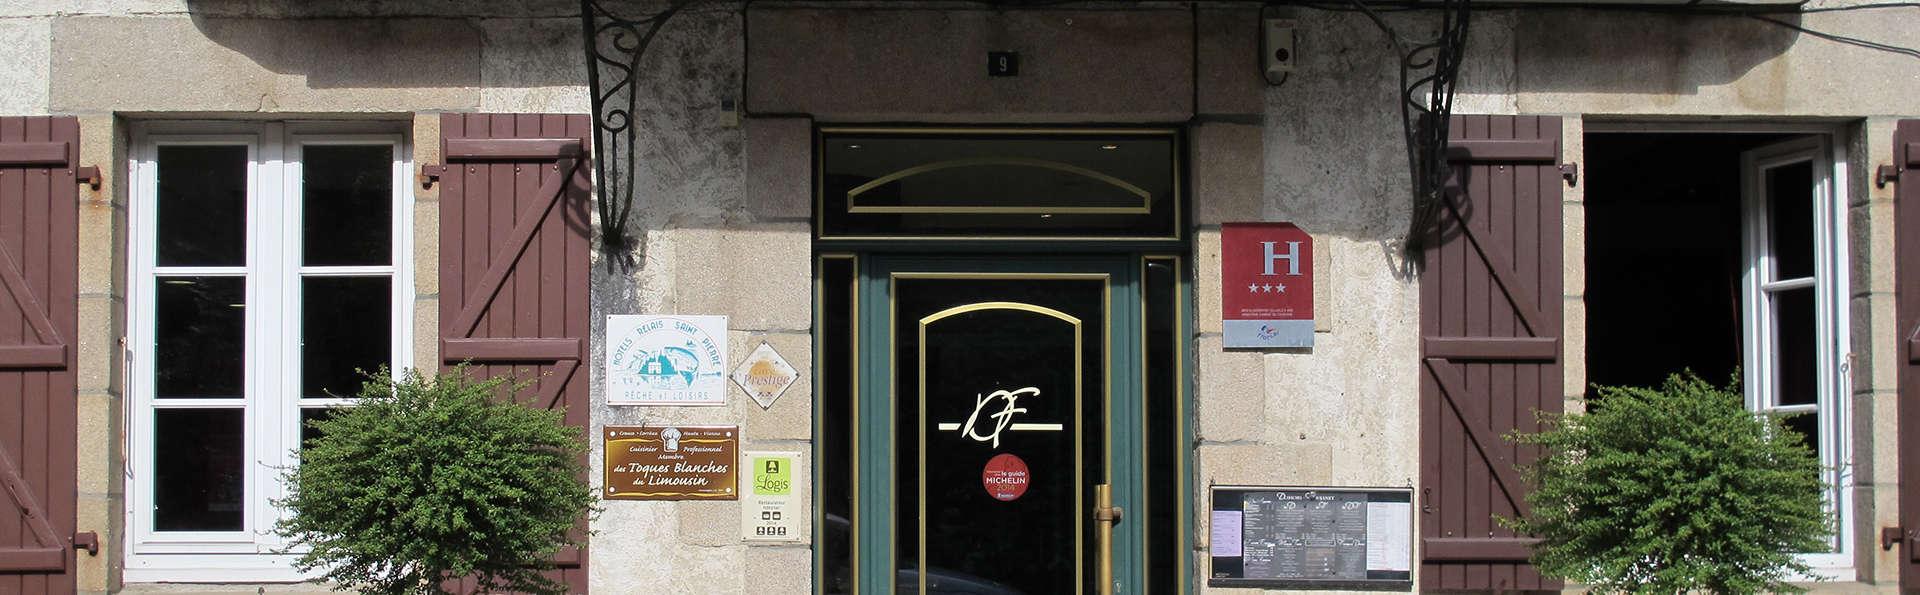 Hôtel Deshors-Foujanet - EDIT_front.jpg